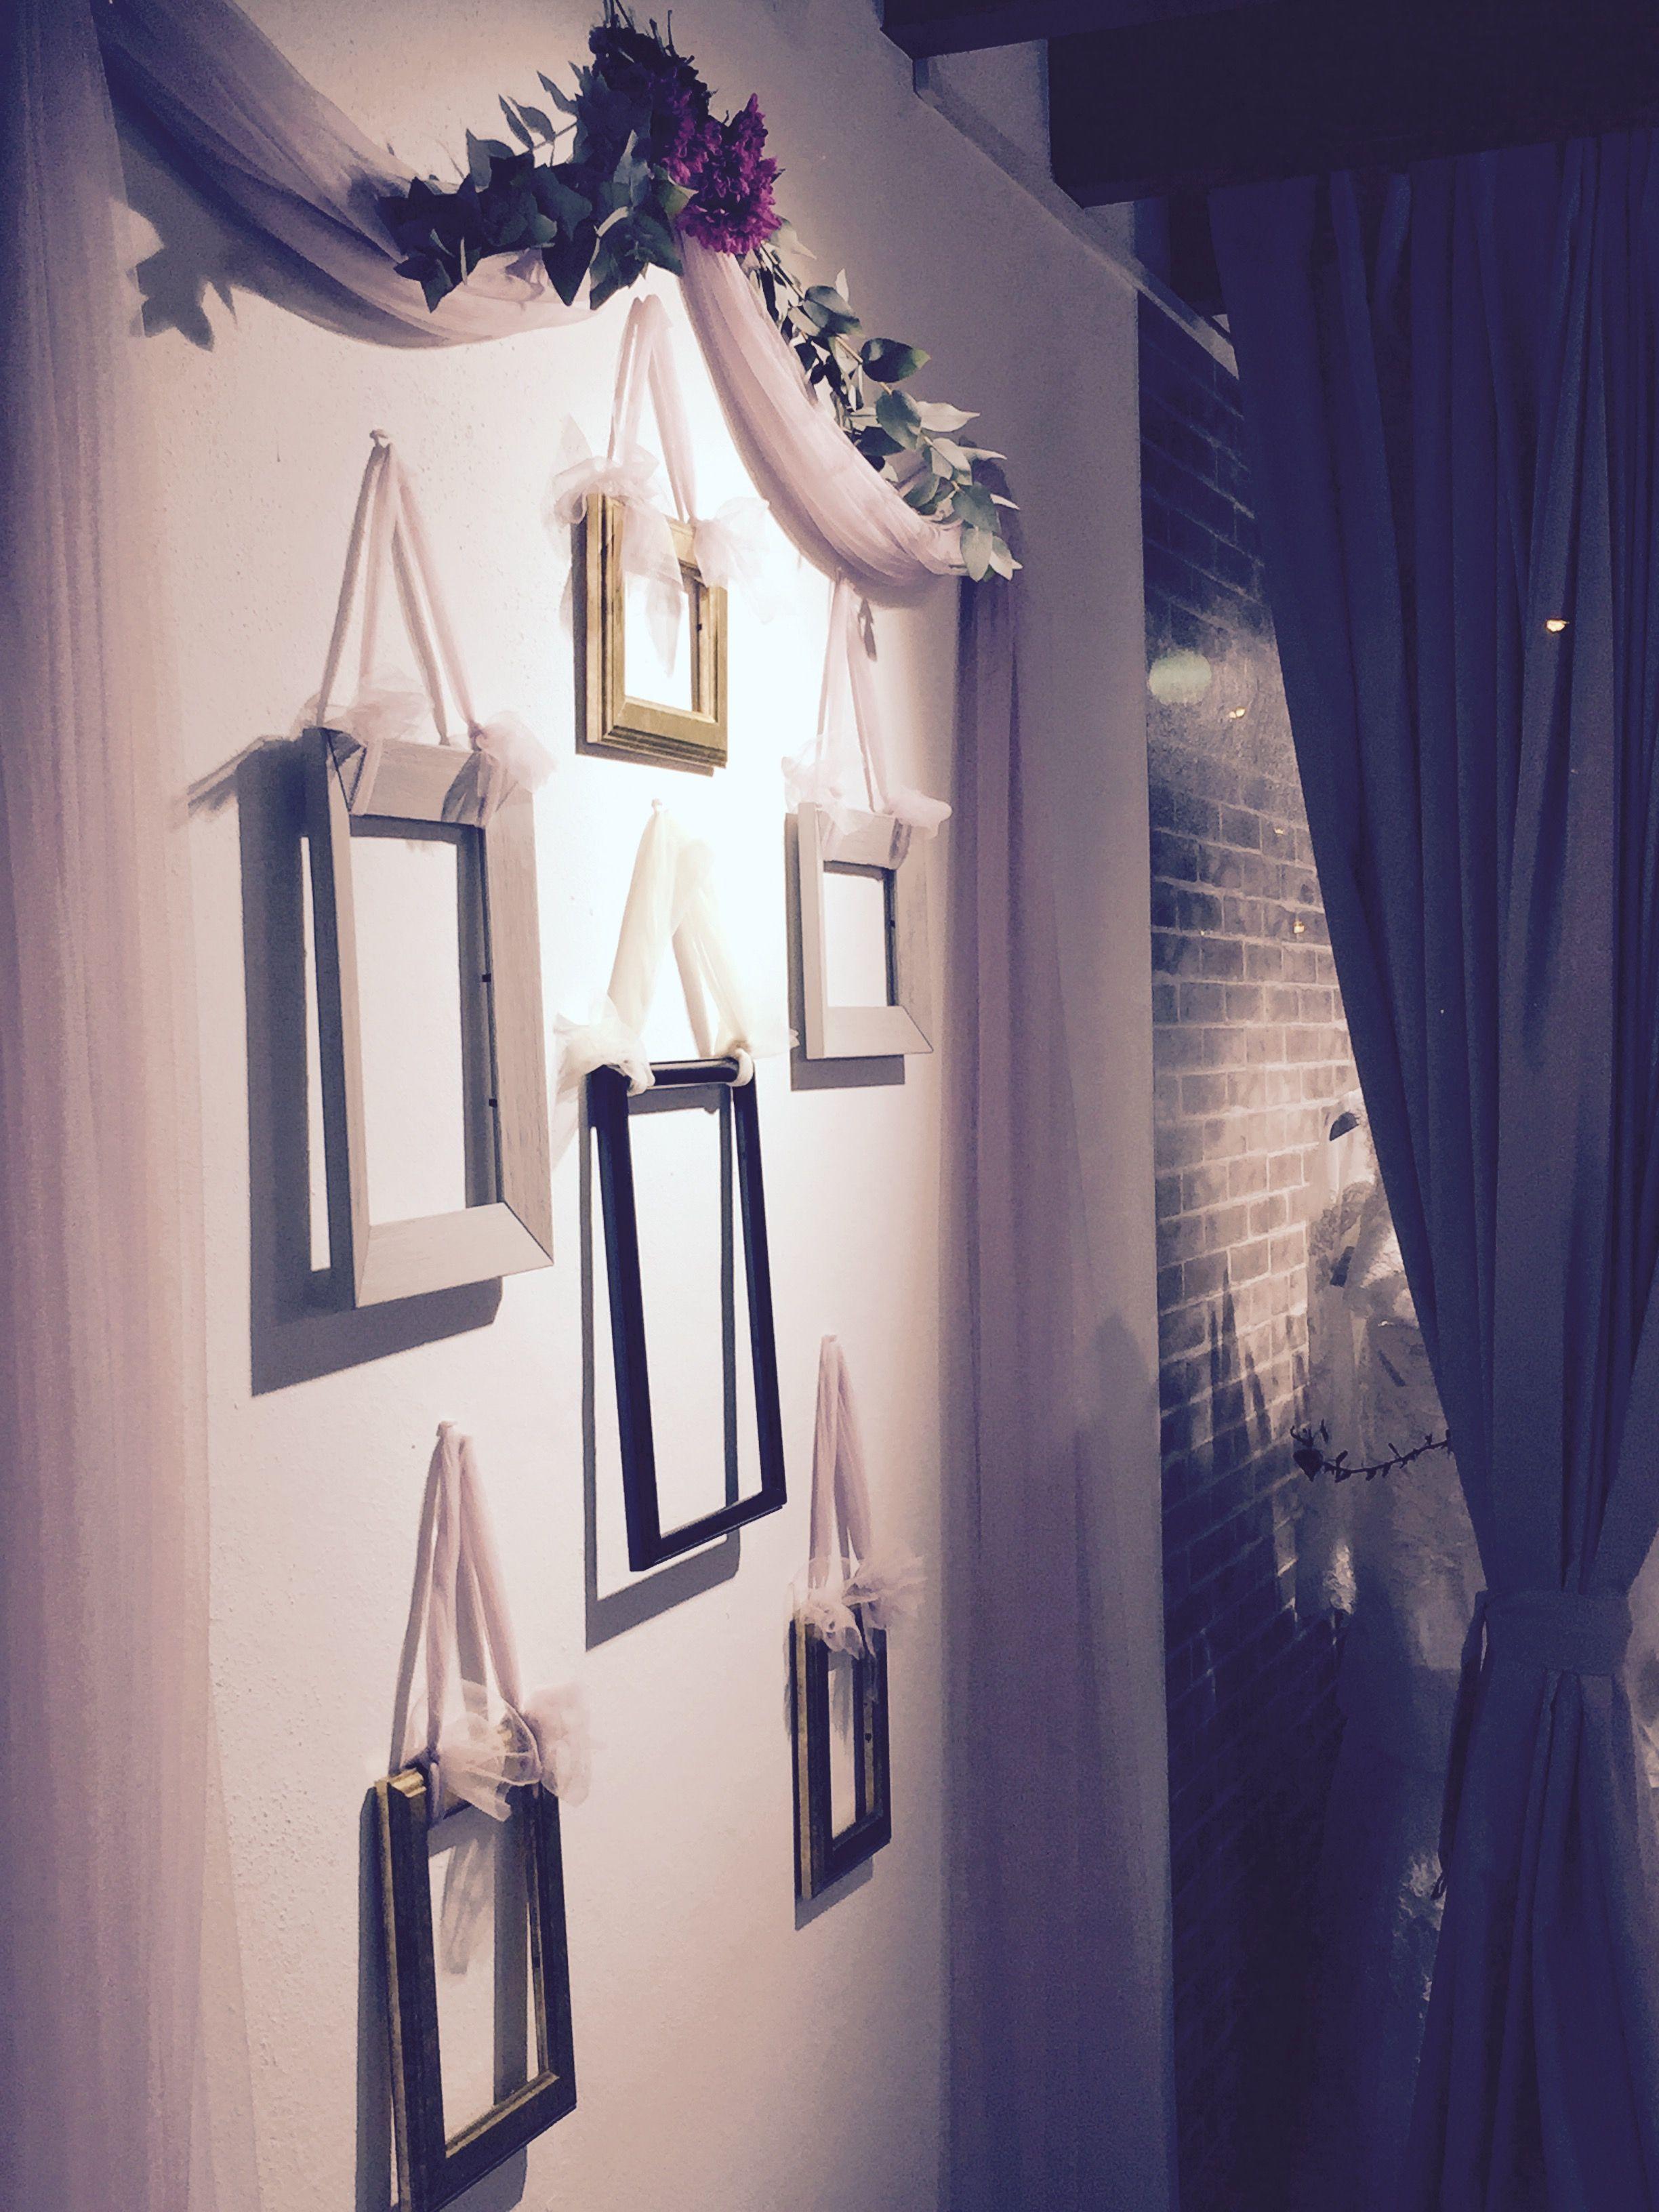 Wedding, display, shop, bridal, novias, tienda, vestidos...Don't miss my last deco !! http://livingmallorcadeco.com/y-comieron-perdices/